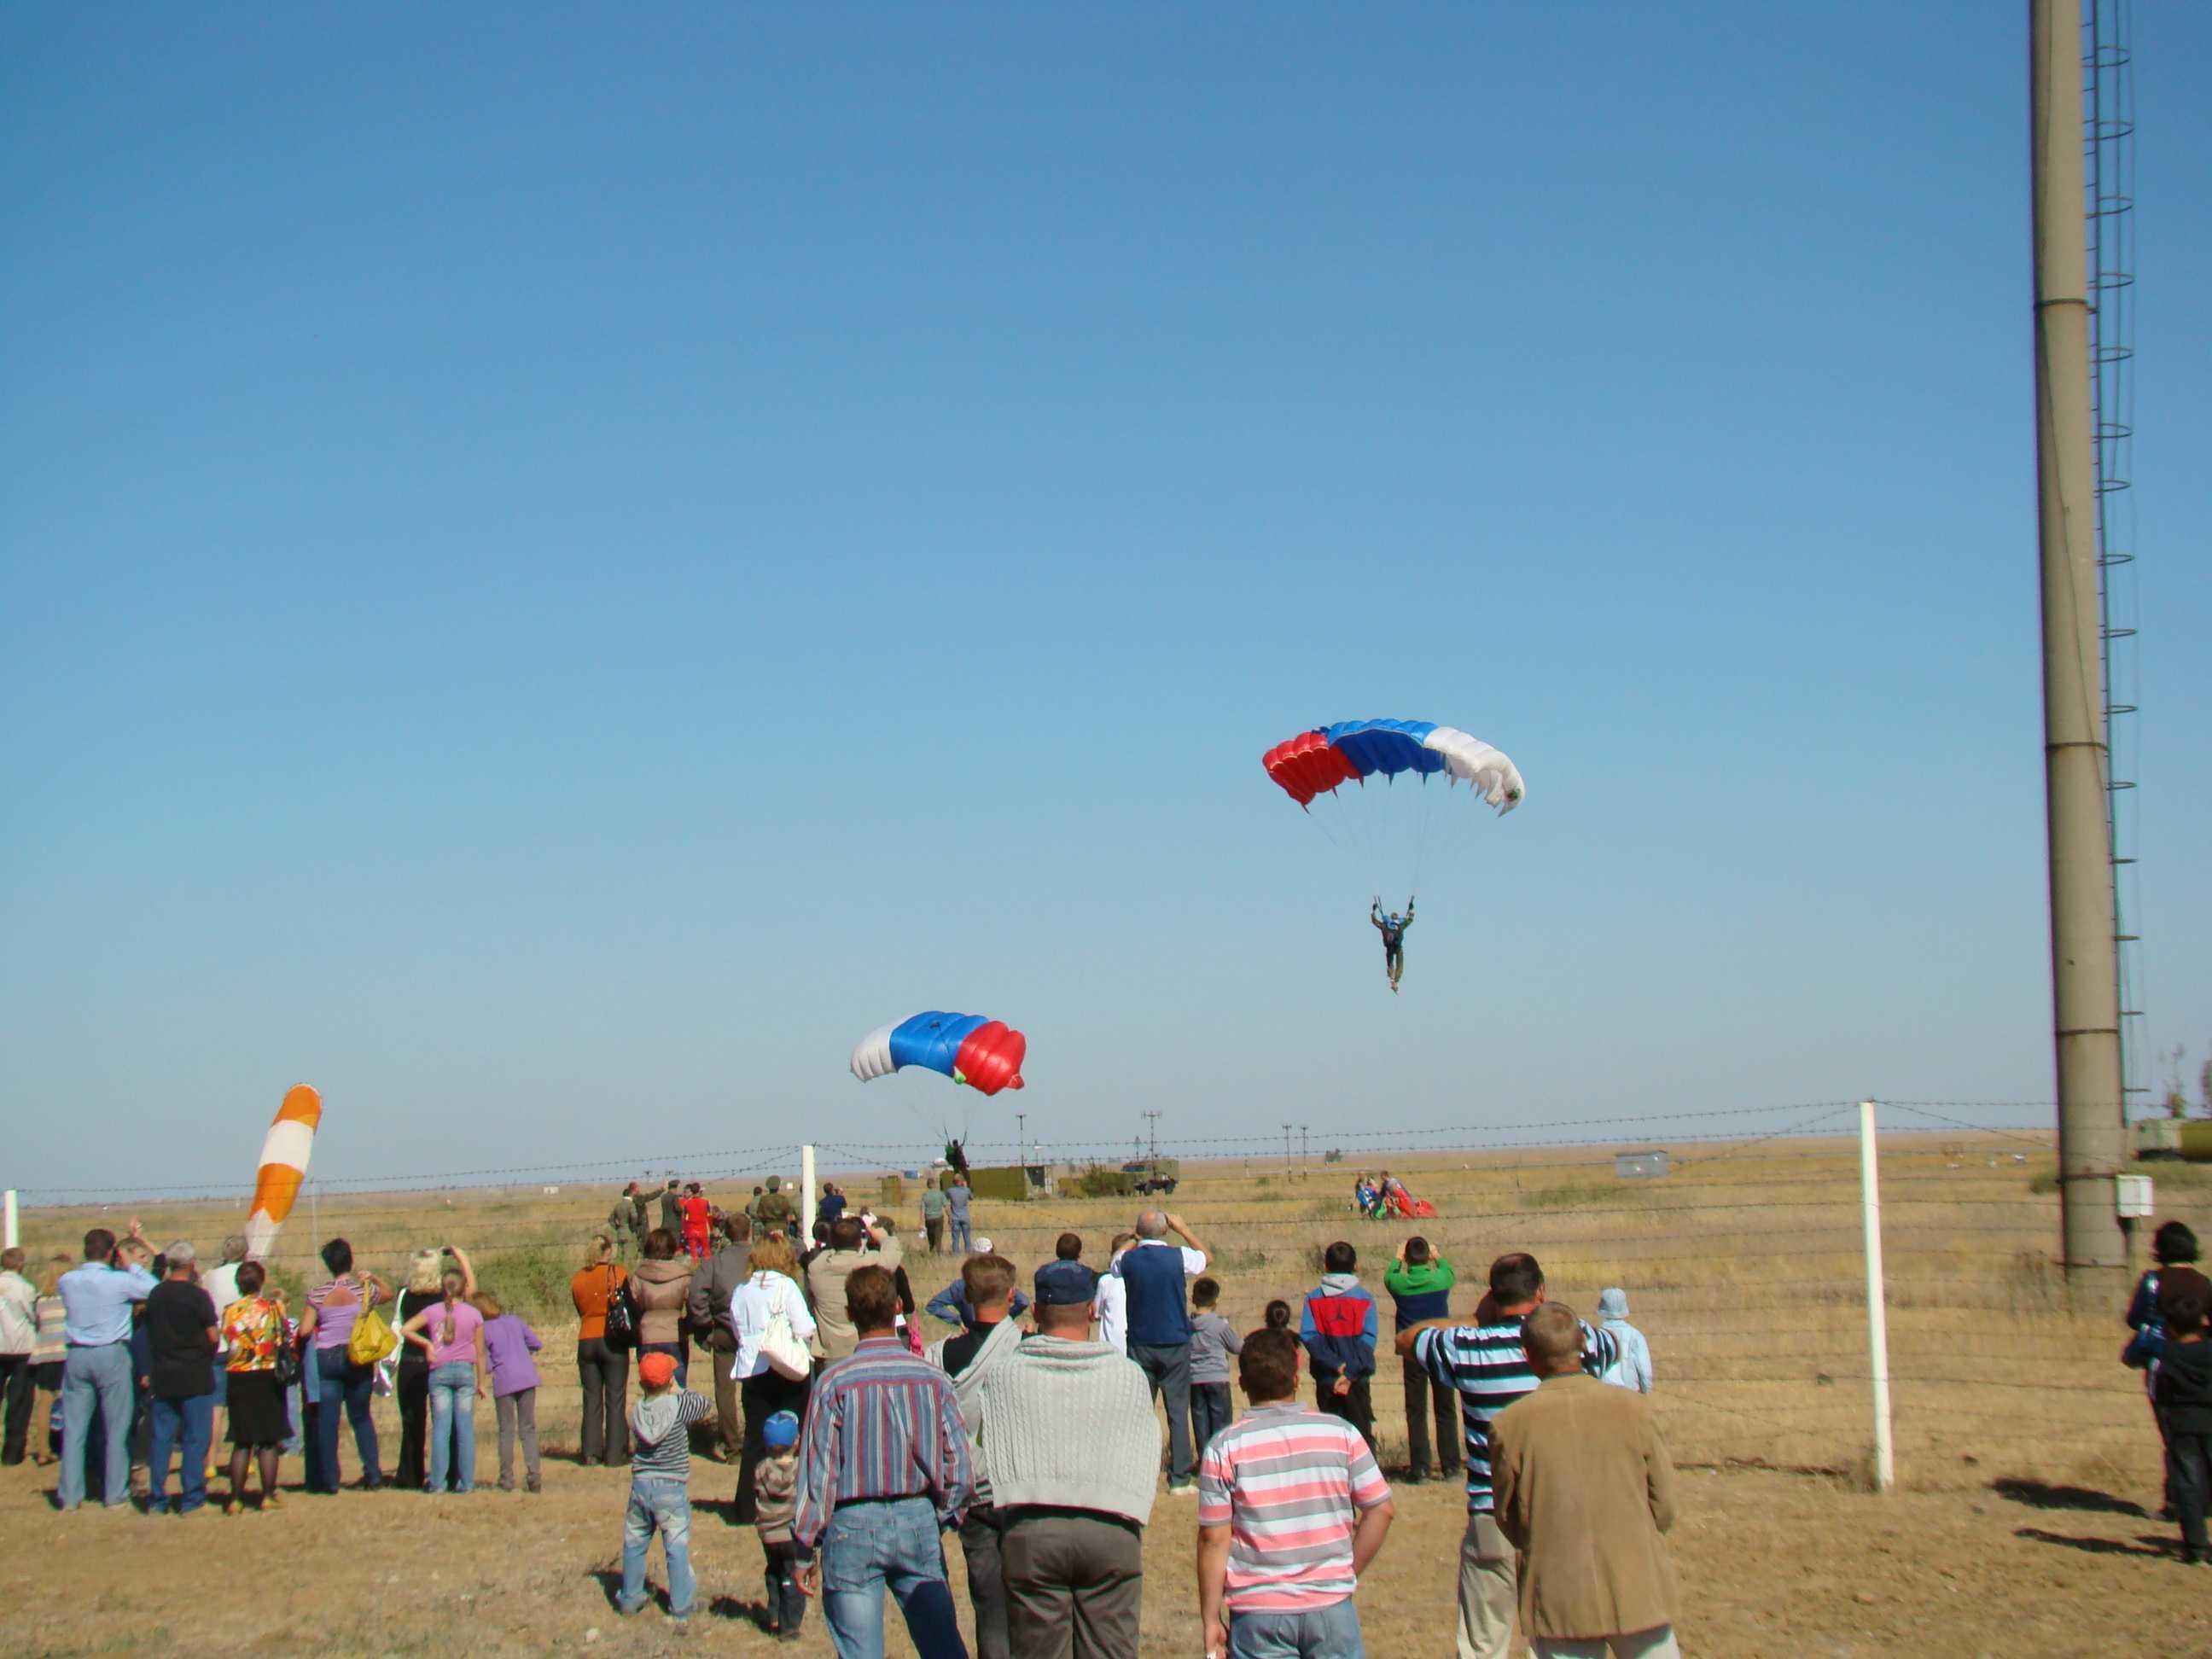 Первый  прыжок с парашютом красноармеец                                 Эдельштейн совершил недалеко от Ахтубинска